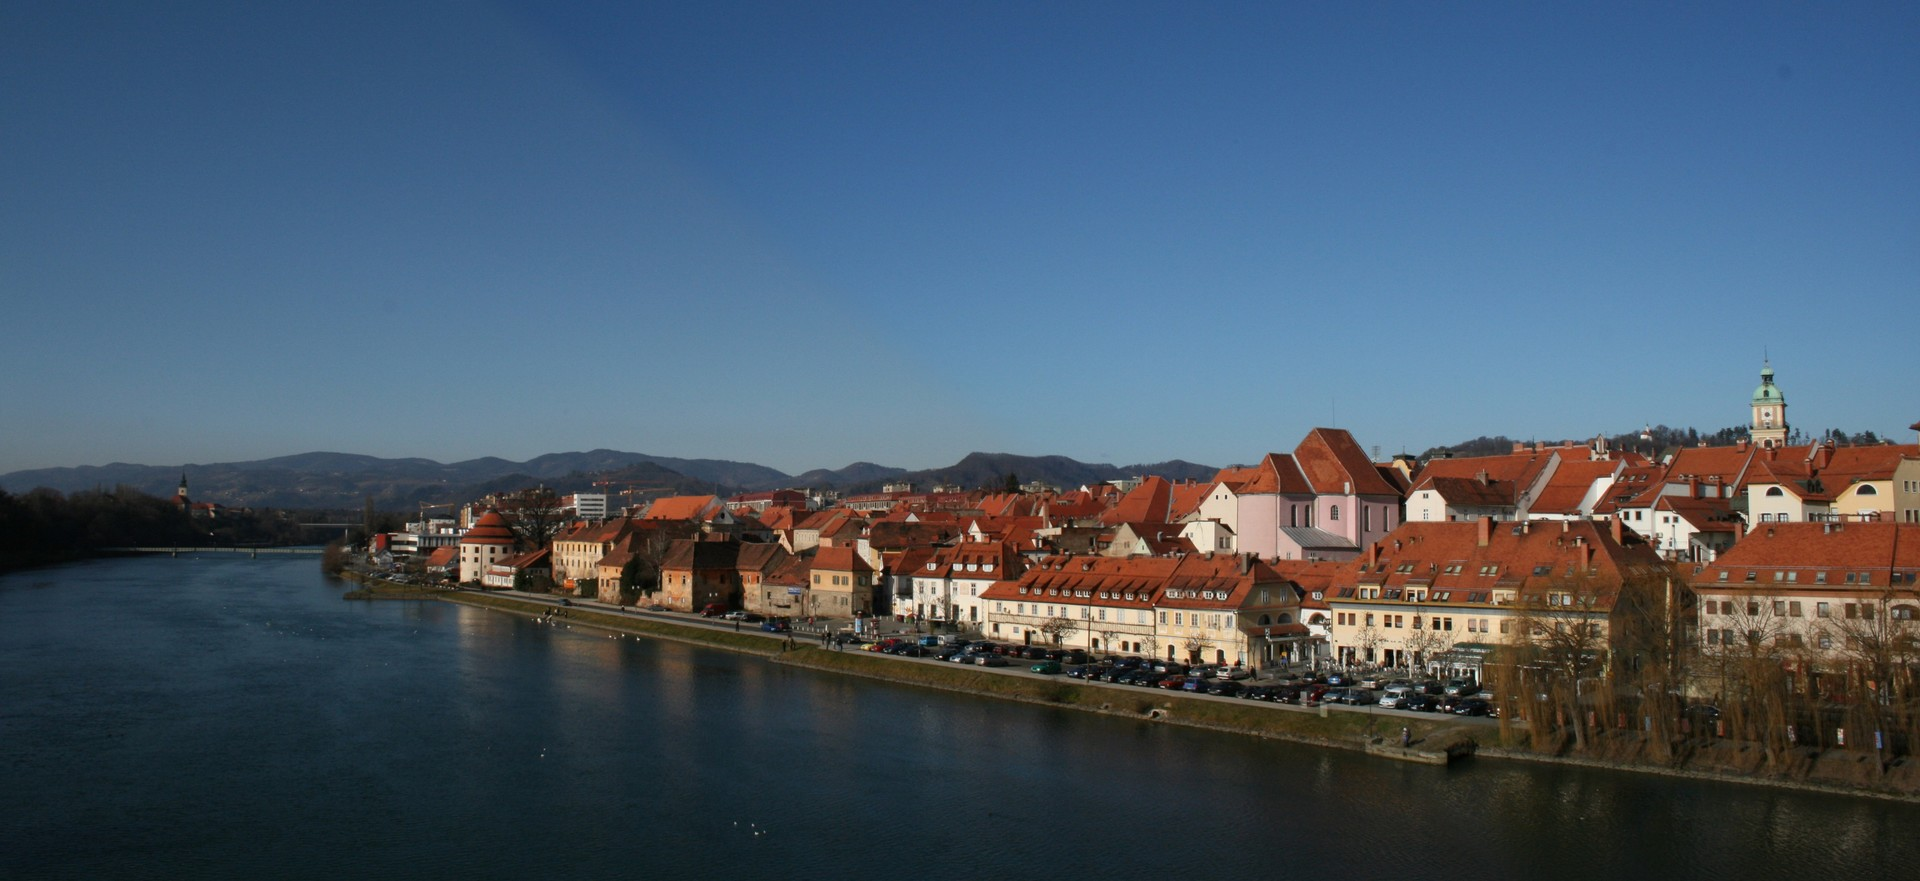 L'esperienza Erasmus a Maribor (Slovenia) di Emmanuel